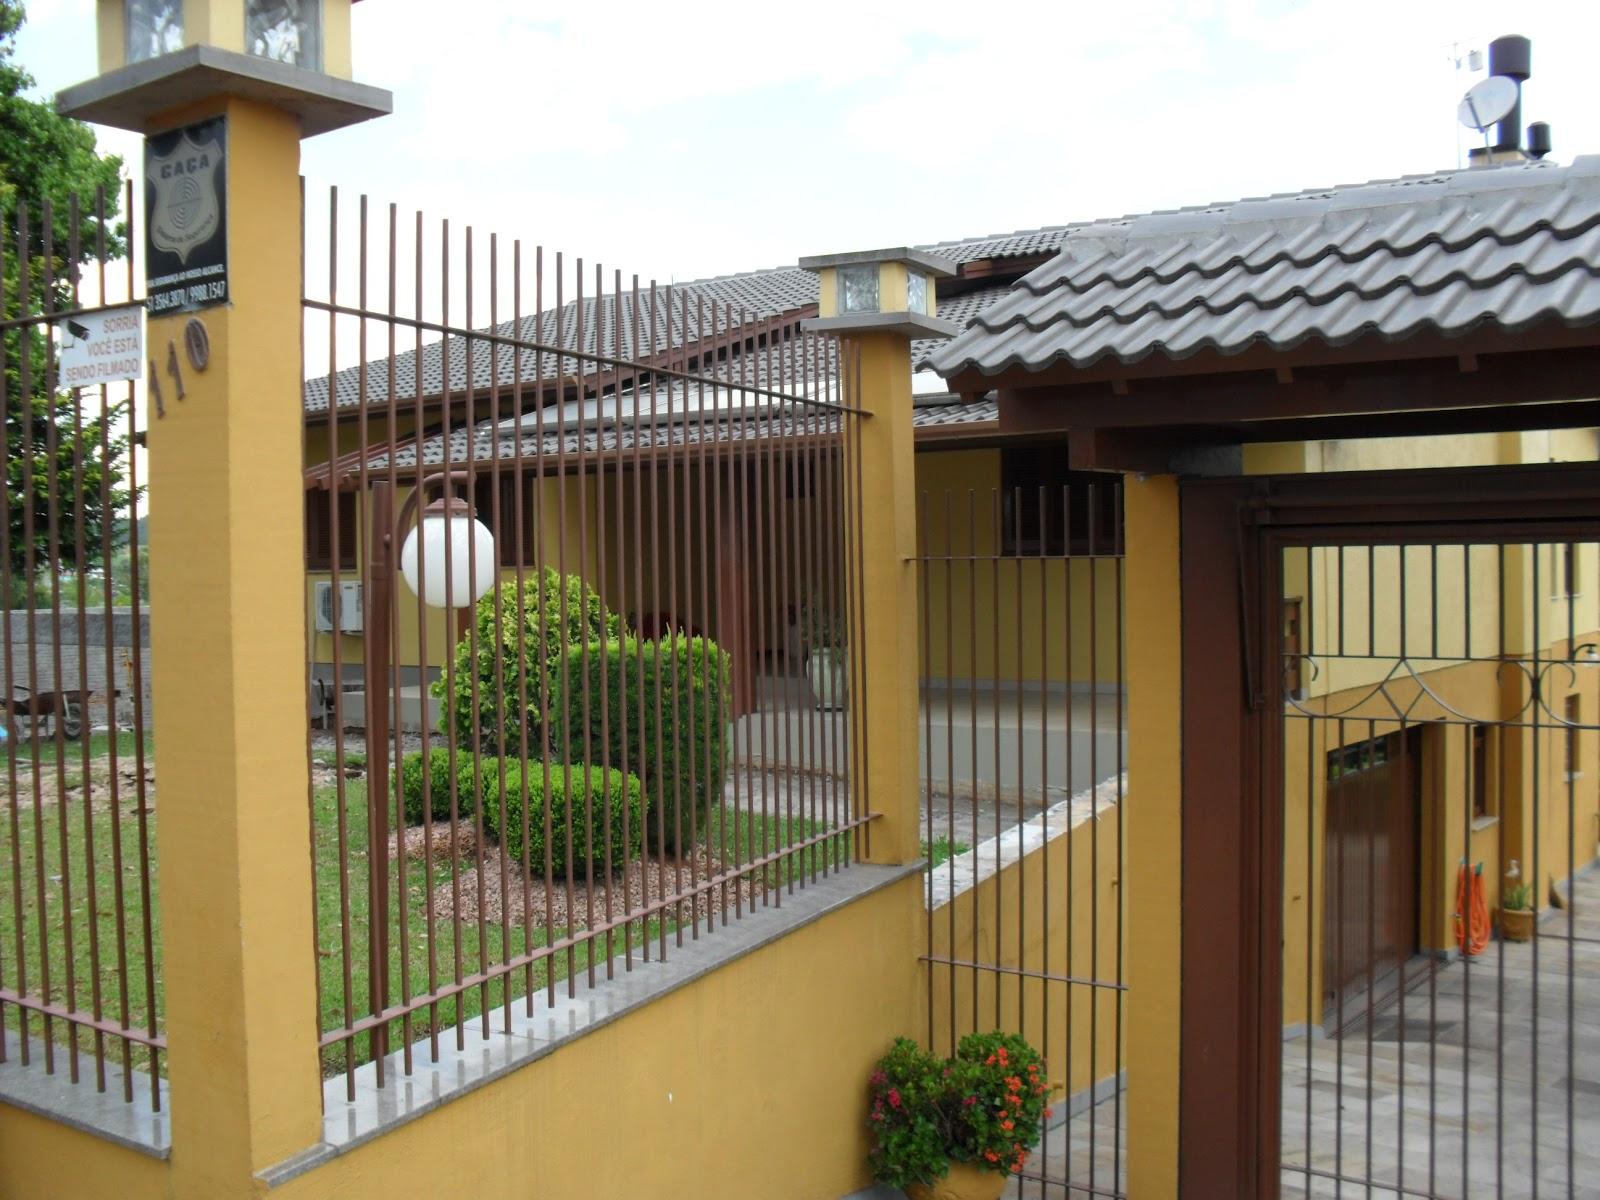 Feito por arquiteto agosto 2012 - Reforma de casas ...